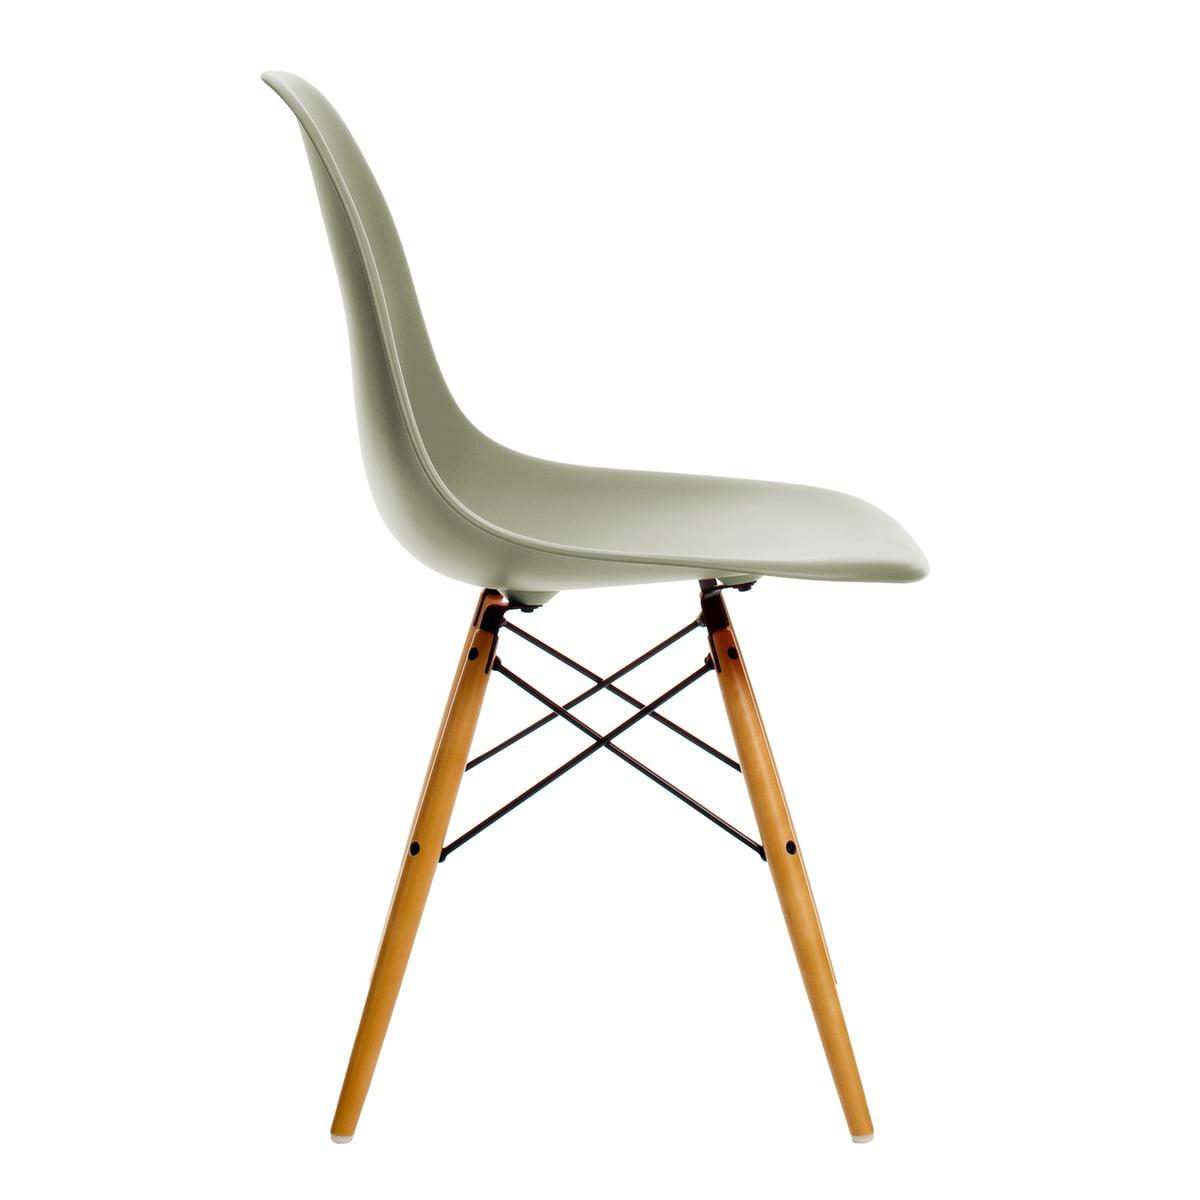 Vitra - Eames Plastic Side Chair DSW, Ahorn gelblich / moosgrau (Filzgleiter weiß)   Küche und Esszimmer > Stühle und Hocker > Esszimmerstühle   Moosgrün   Vitra